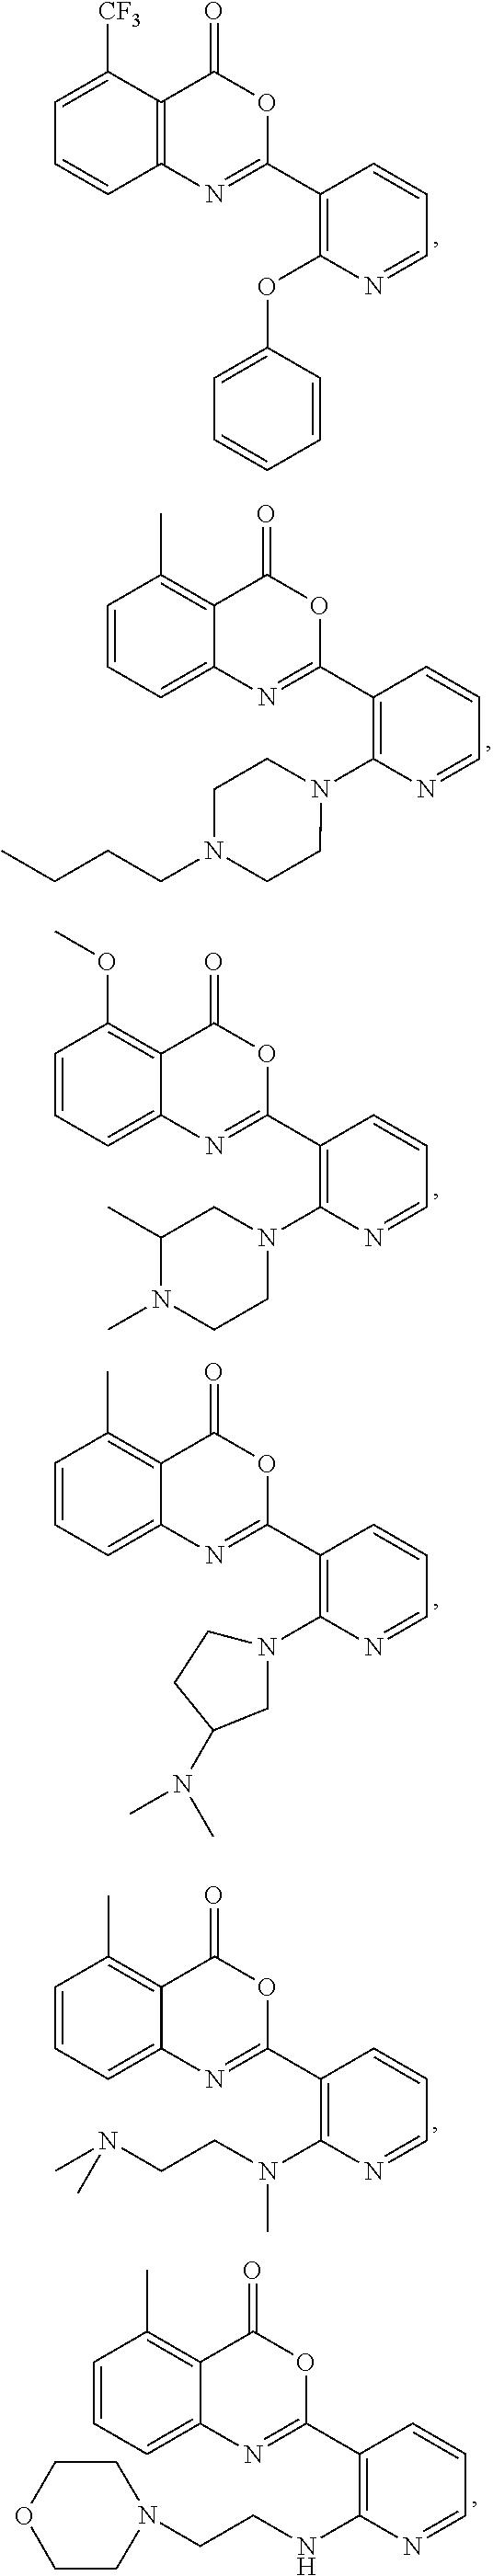 Figure US07879846-20110201-C00379